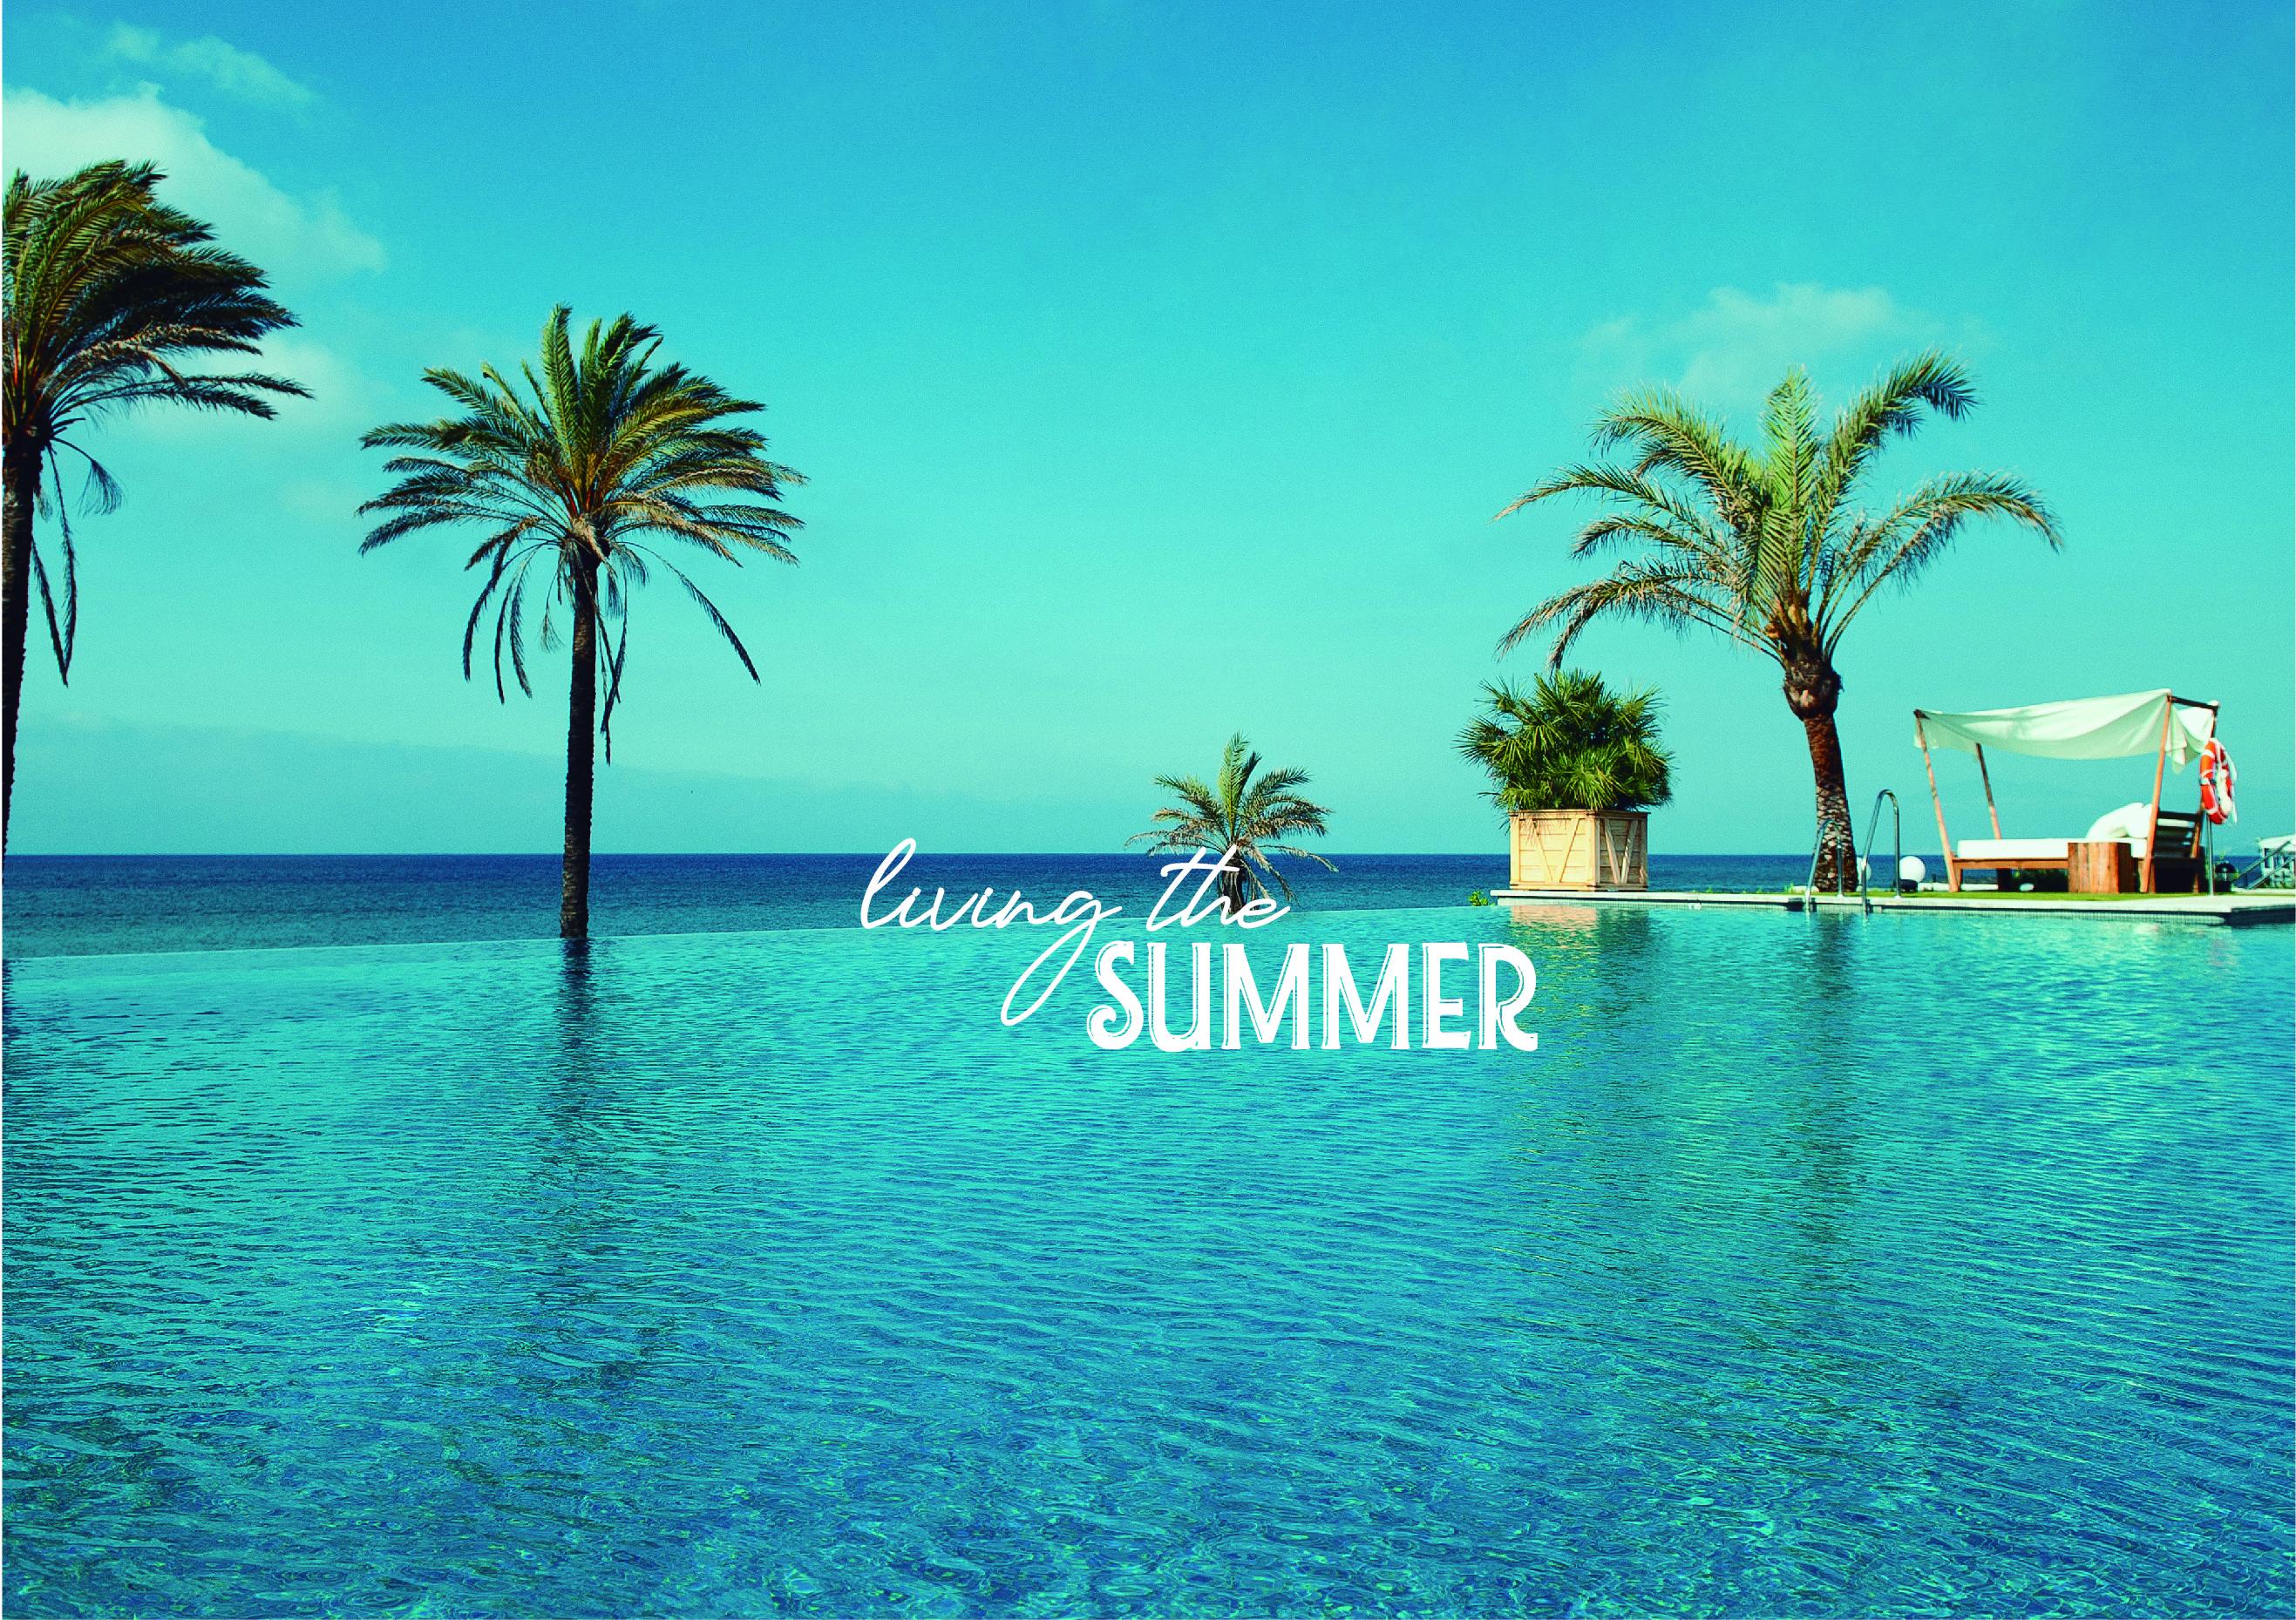 Beach club estrella del mar hotel en marbella de vincci - Estrella del mar beach club ...